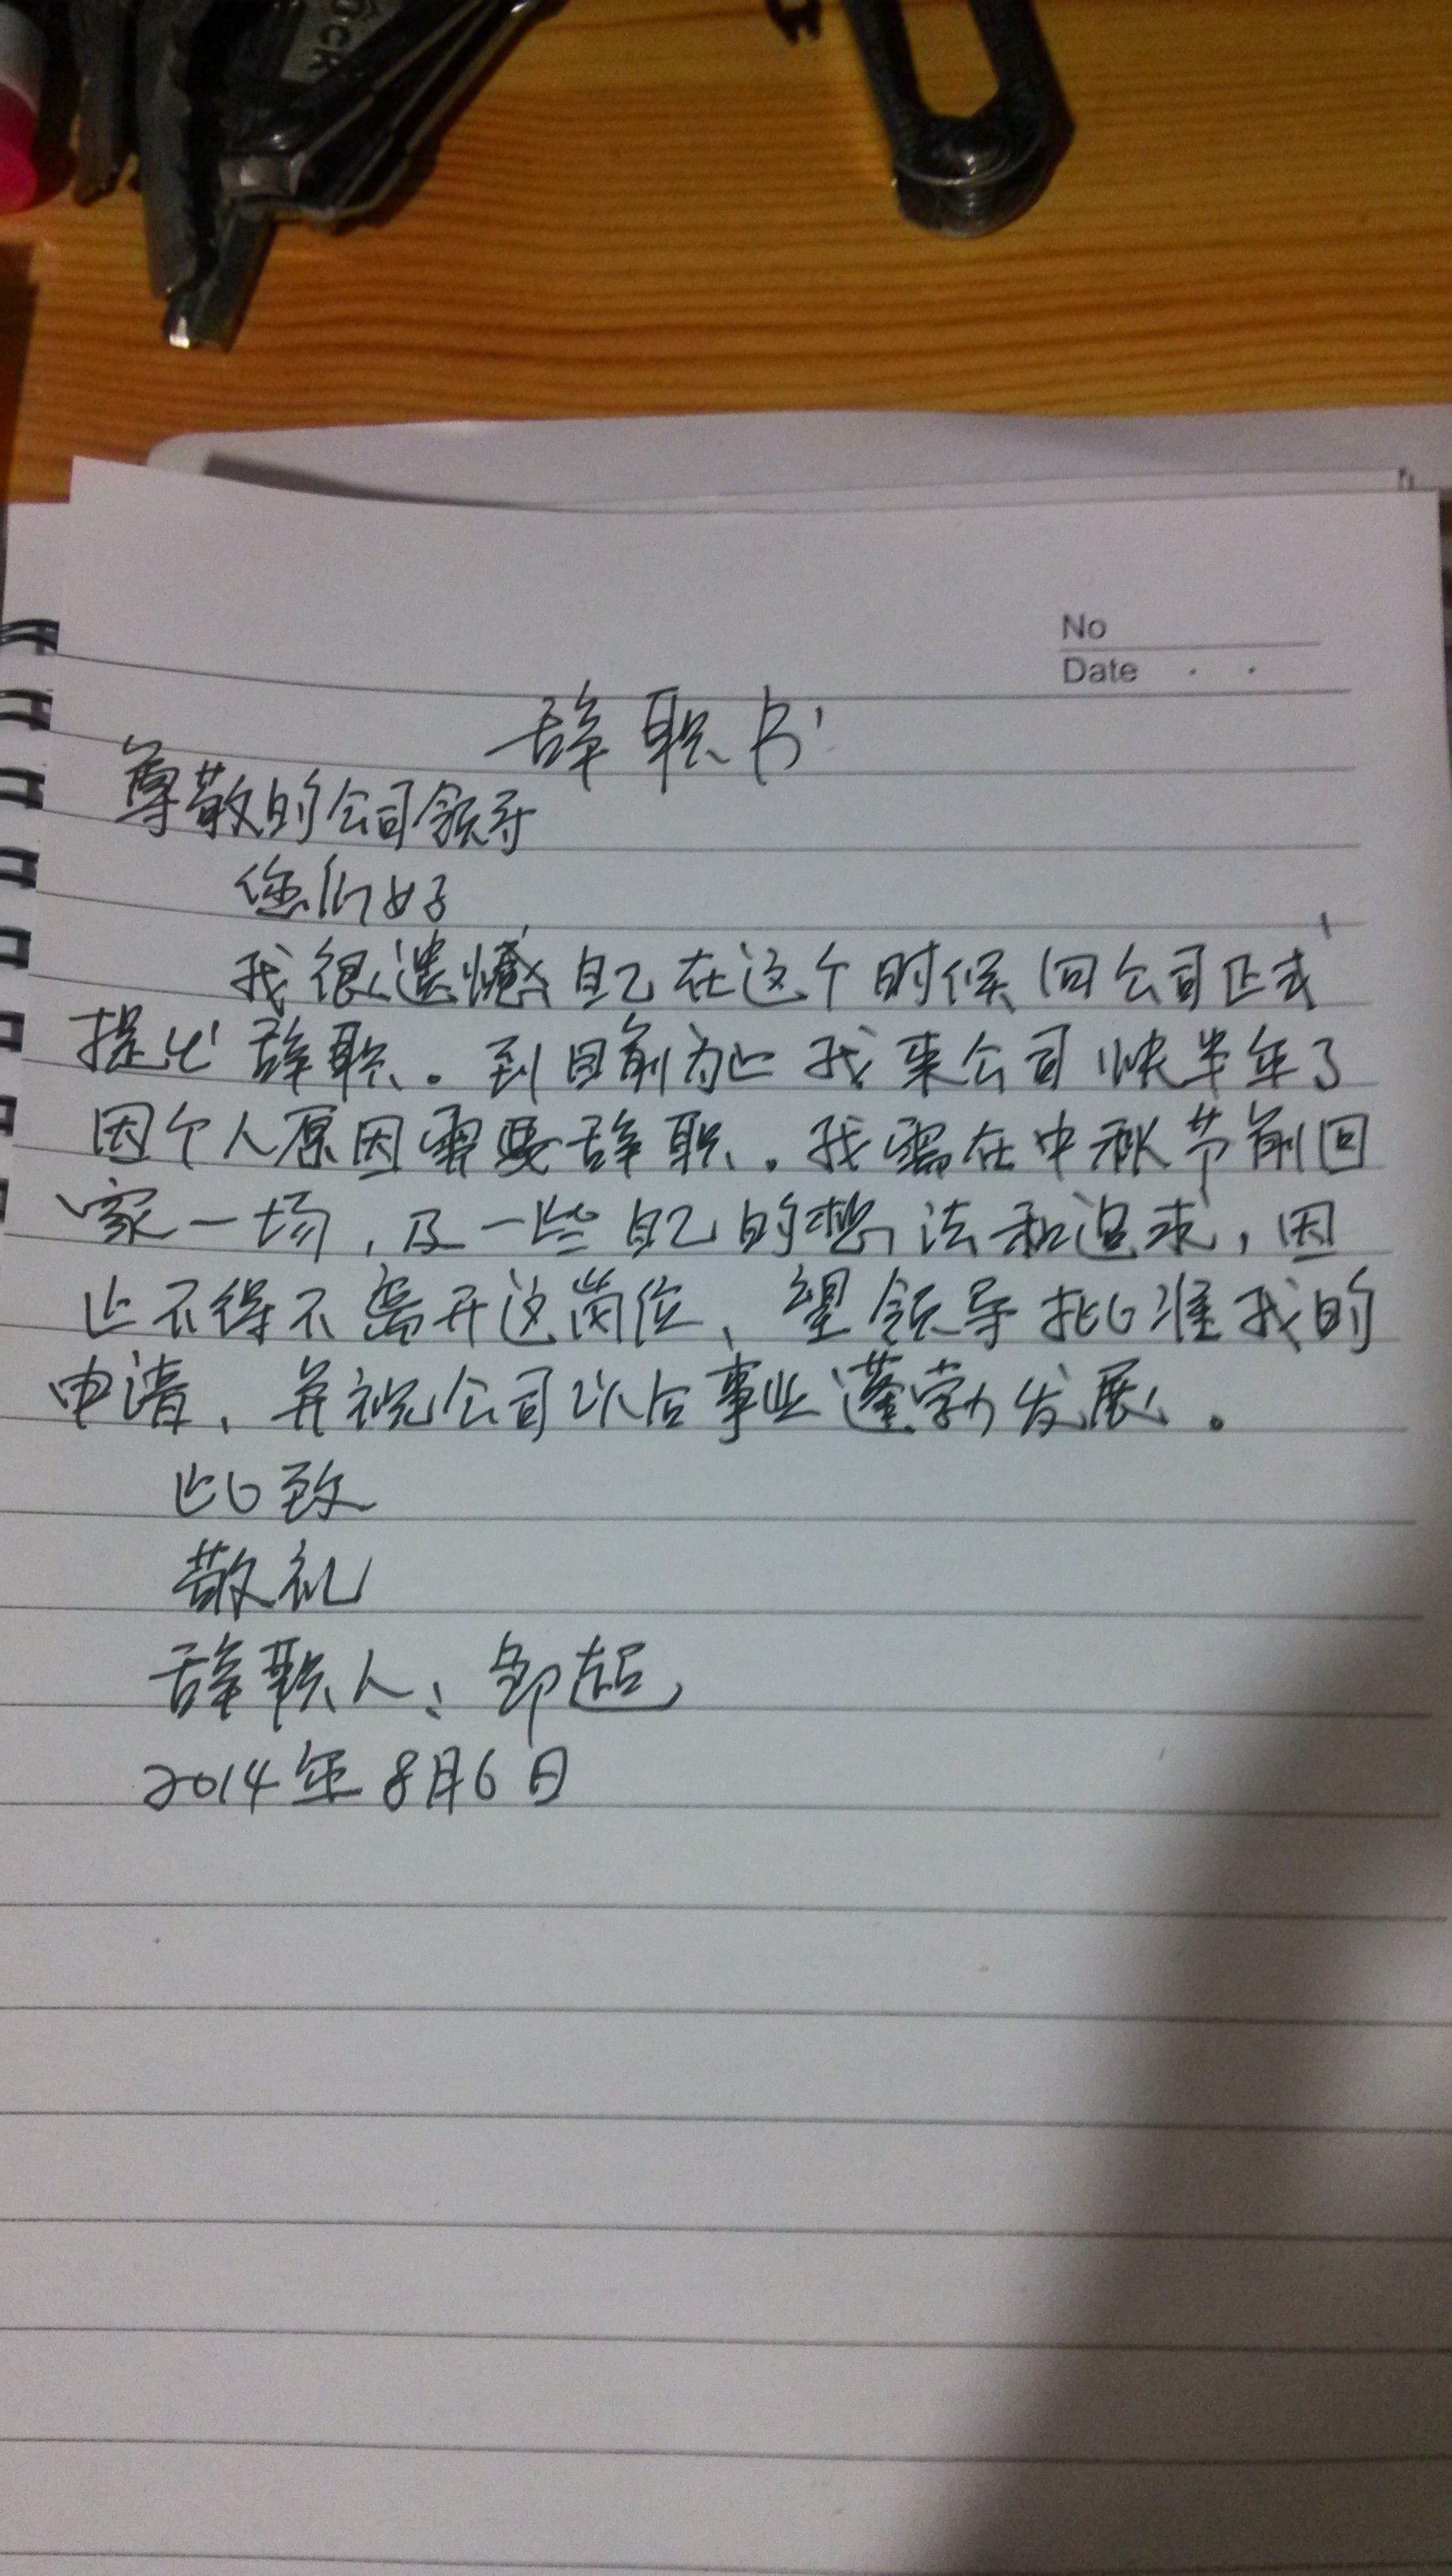 辞职信怎么写 辞职信格式范文 辞职信标准模板 英文辞职信格式 53图片